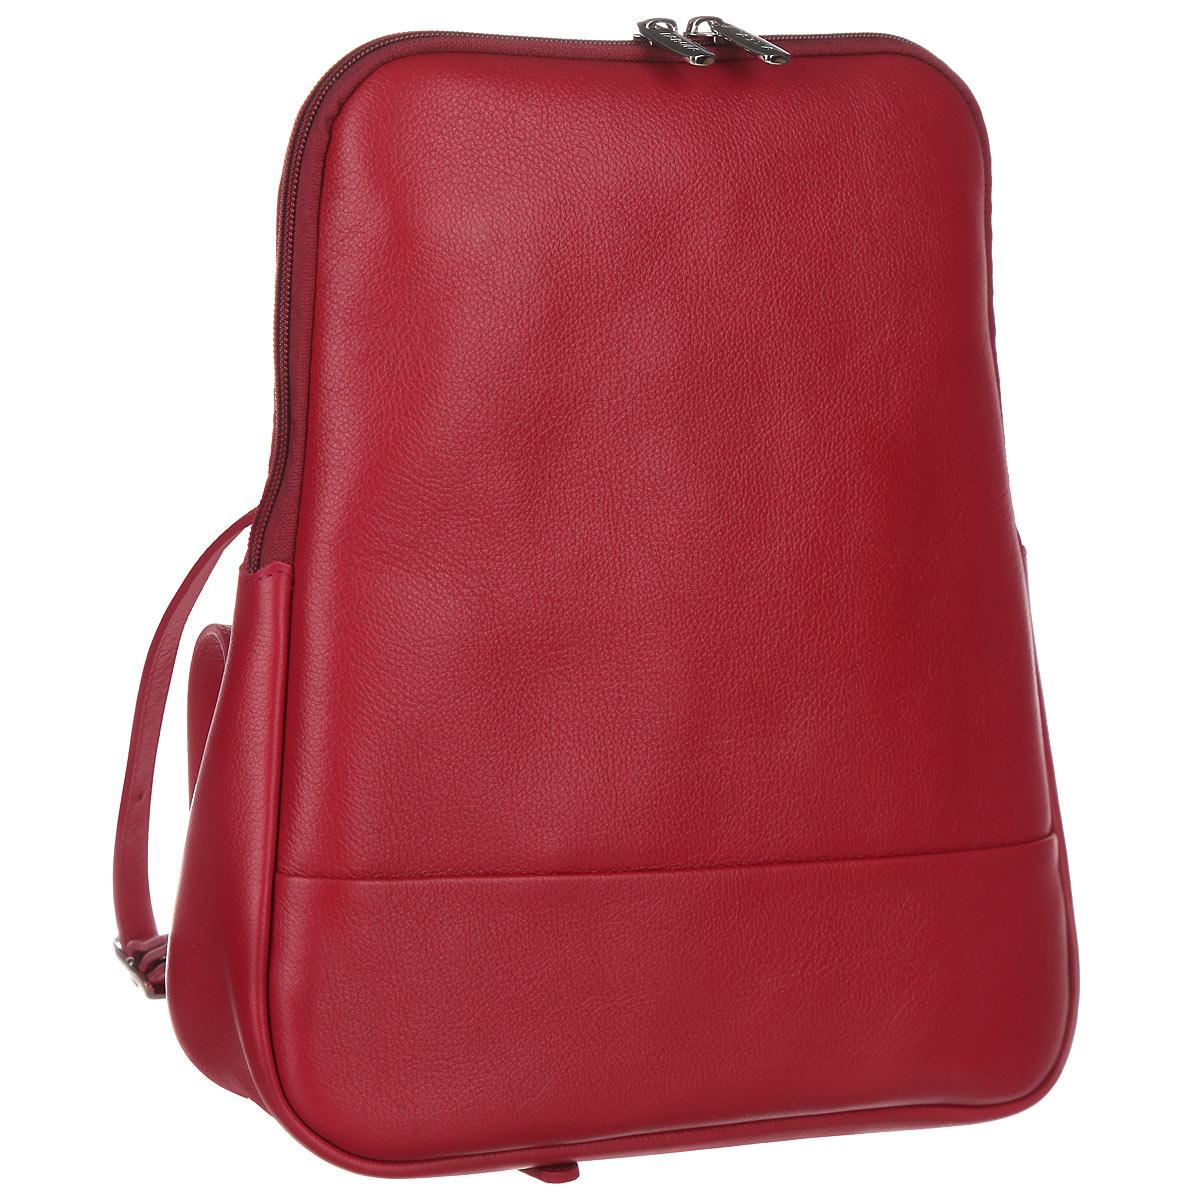 Рюкзак женский Fabula, цвет: ягодный. S.141.FPS.141.FP. ягодныйСтильный женский рюкзак Fabula из коллекции Every day выполнен из натуральной кожи и оформлен фактурным тиснением. Закрывается на молнию. Изделие содержит одно основное отделение, закрывающееся на застежку-молнию. Внутри - врезной карман на молнии, два накладных кармашка для мобильного телефона и мелочей. На внешней оборотной стороне два регулируемых за счет пряжек плечевых ремня. Рюкзак упакован в фирменный пакет. Оригинальный рюкзак станет незаменимым спутником в маленьком путешествии, поможет вам подчеркнуть свою индивидуальность и сделает ваш образ изысканным и завершенным.